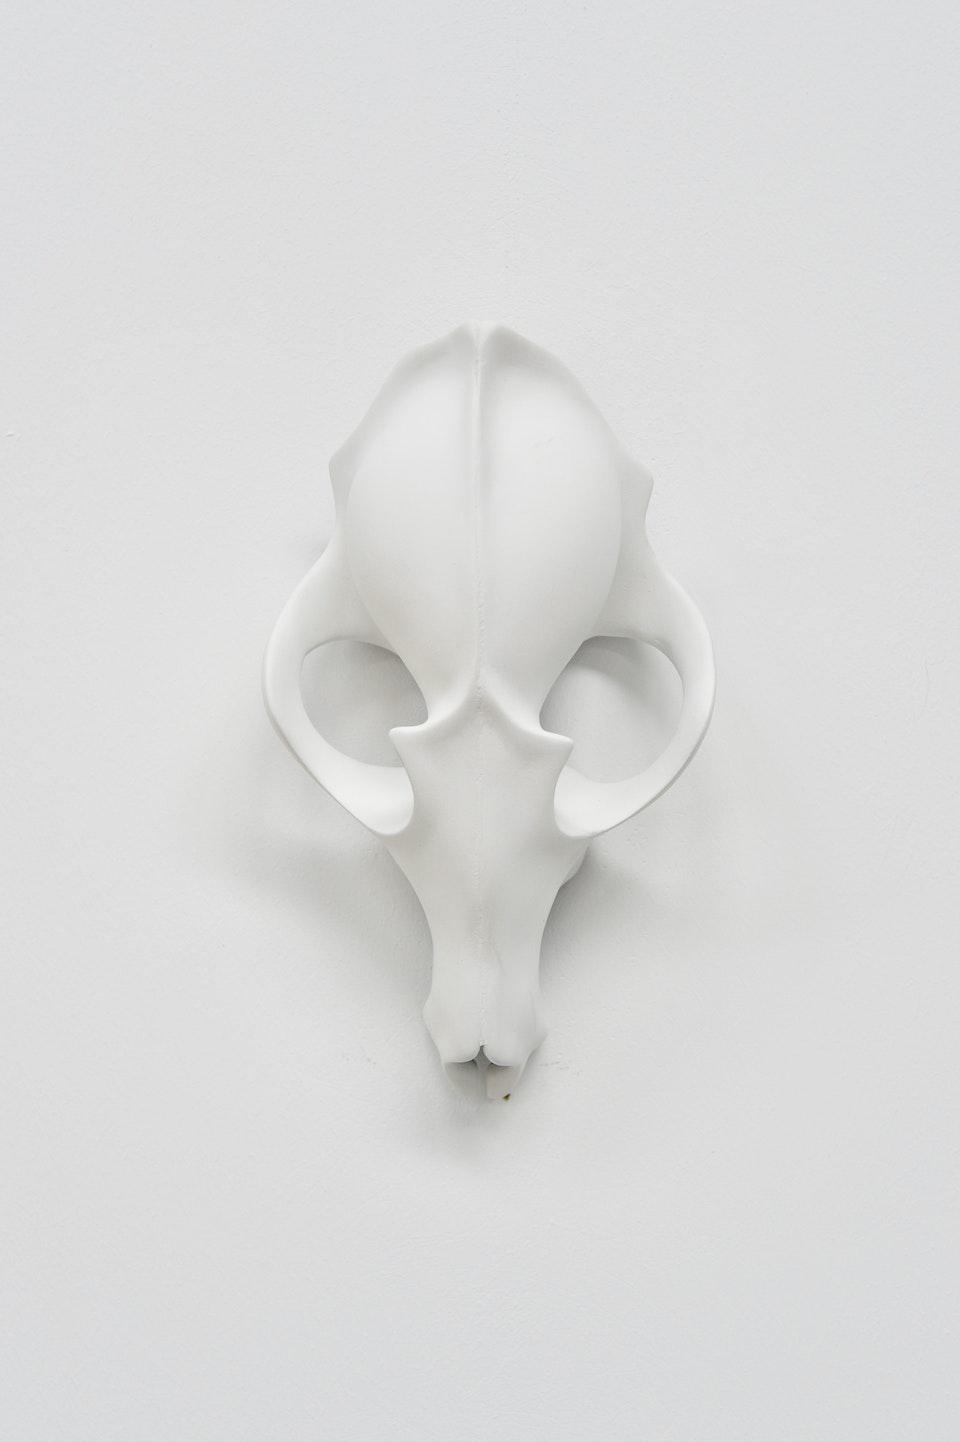 White Fox Skull 0107525E-38F2-450D-B11F-6A37D5765755